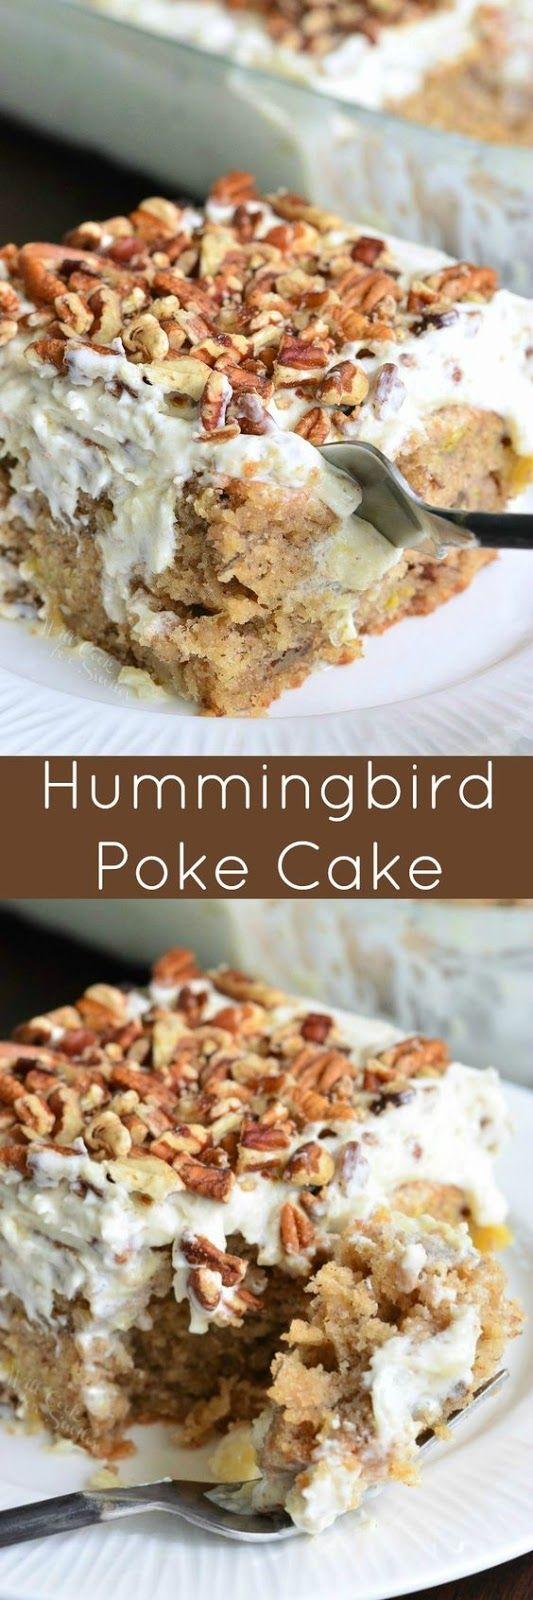 HUMMINGBIRD POKE CAKE   Cake And Food Recipe